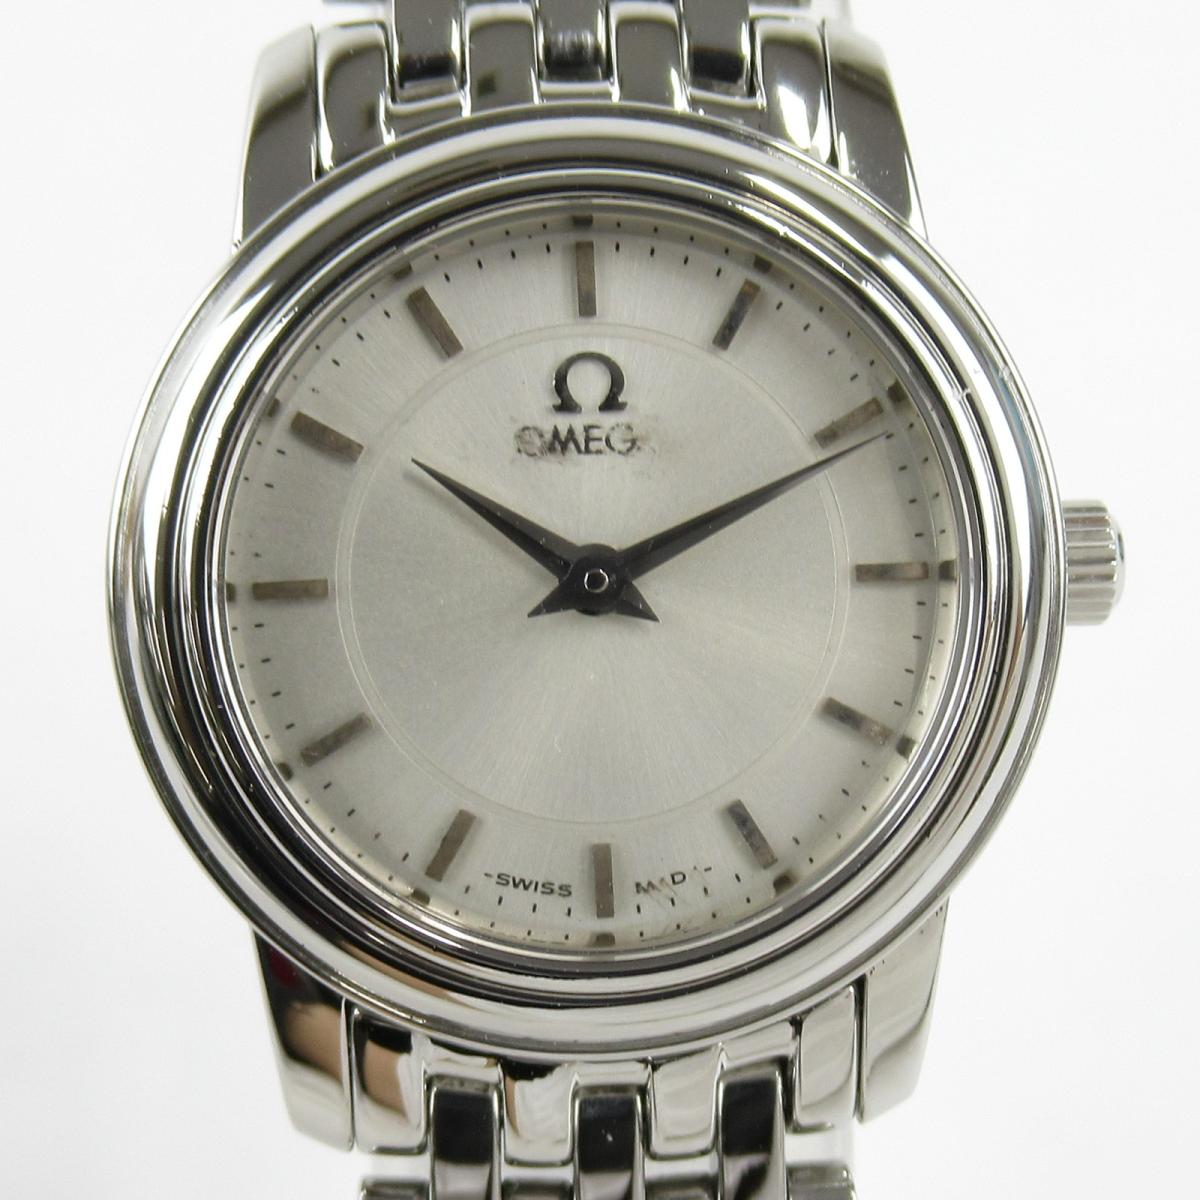 【中古】 オメガ デ・ビル プレステージ 腕時計 レディース ステンレススチール (SS) (4570.31) | OMEGA BRANDOFF ブランドオフ ブランド ブランド時計 ブランド腕時計 時計 ウォッチ